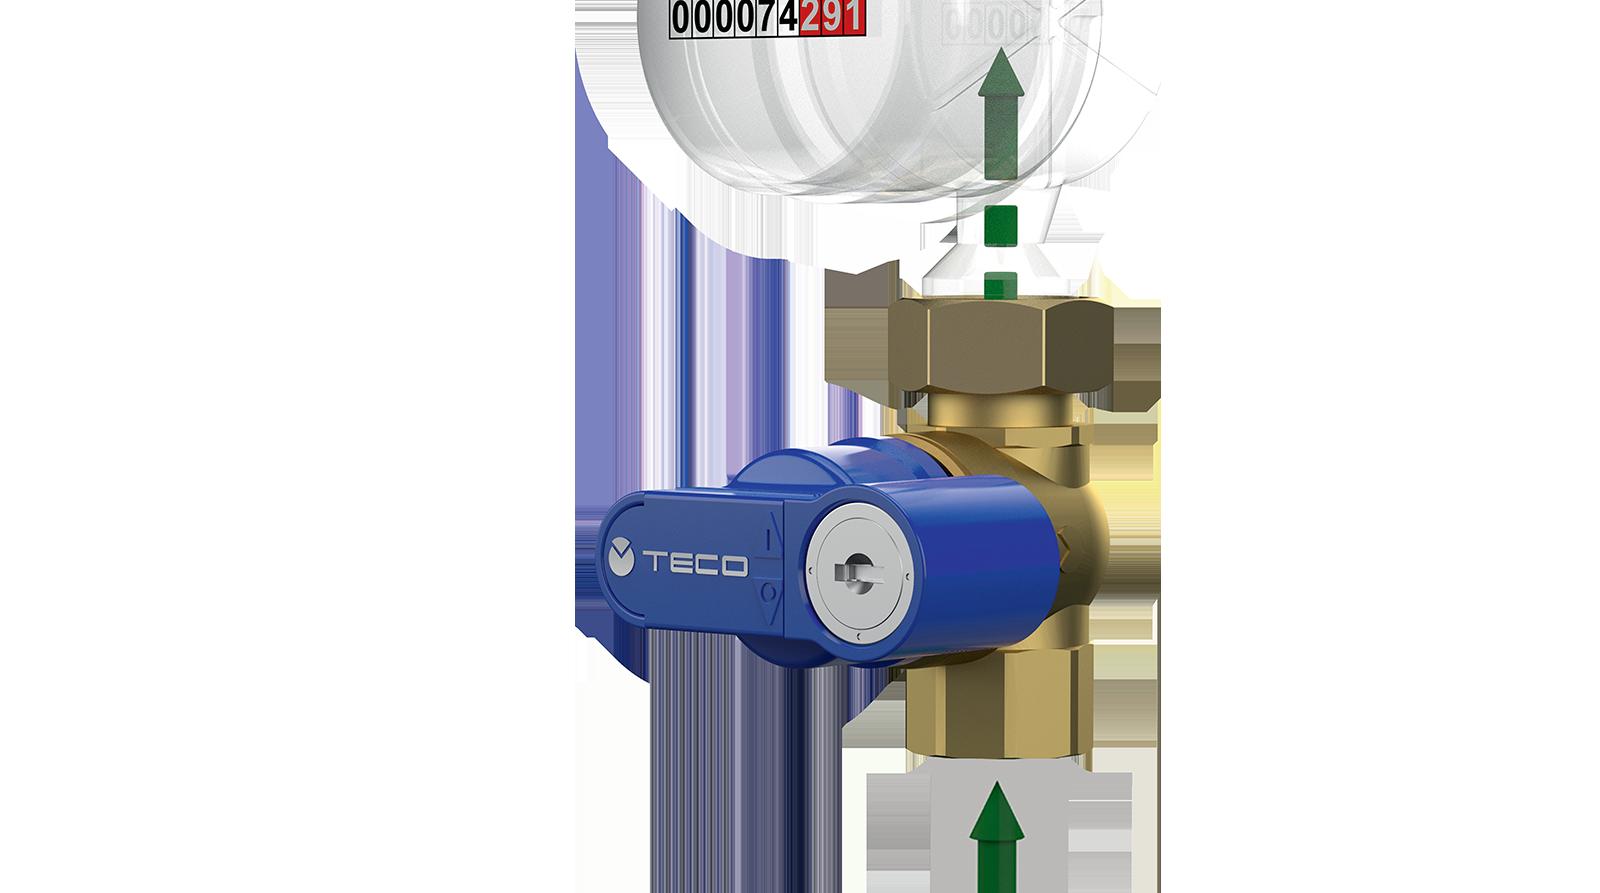 t4-punto-blu - TECO